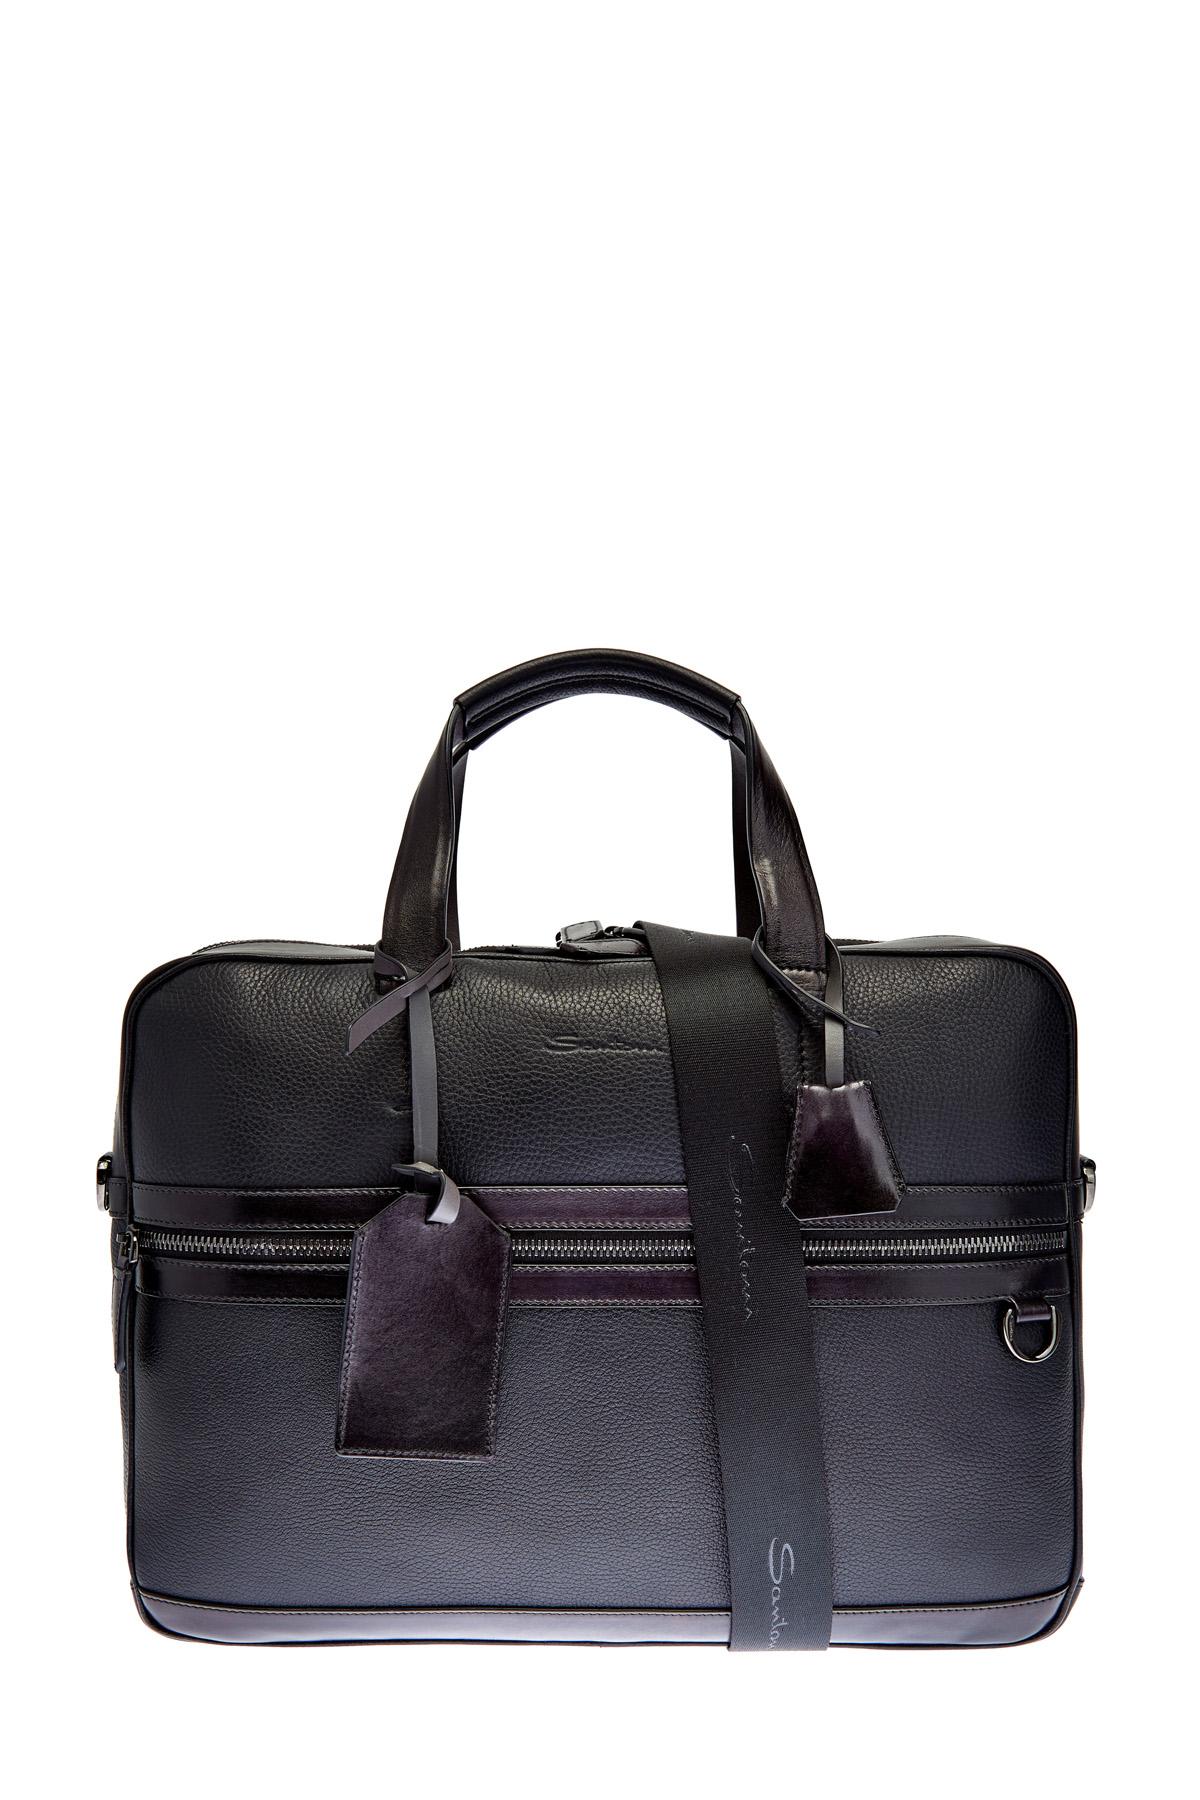 Кожаная сумка с карманом для бумаг А4 и съемным плечевым ремнем